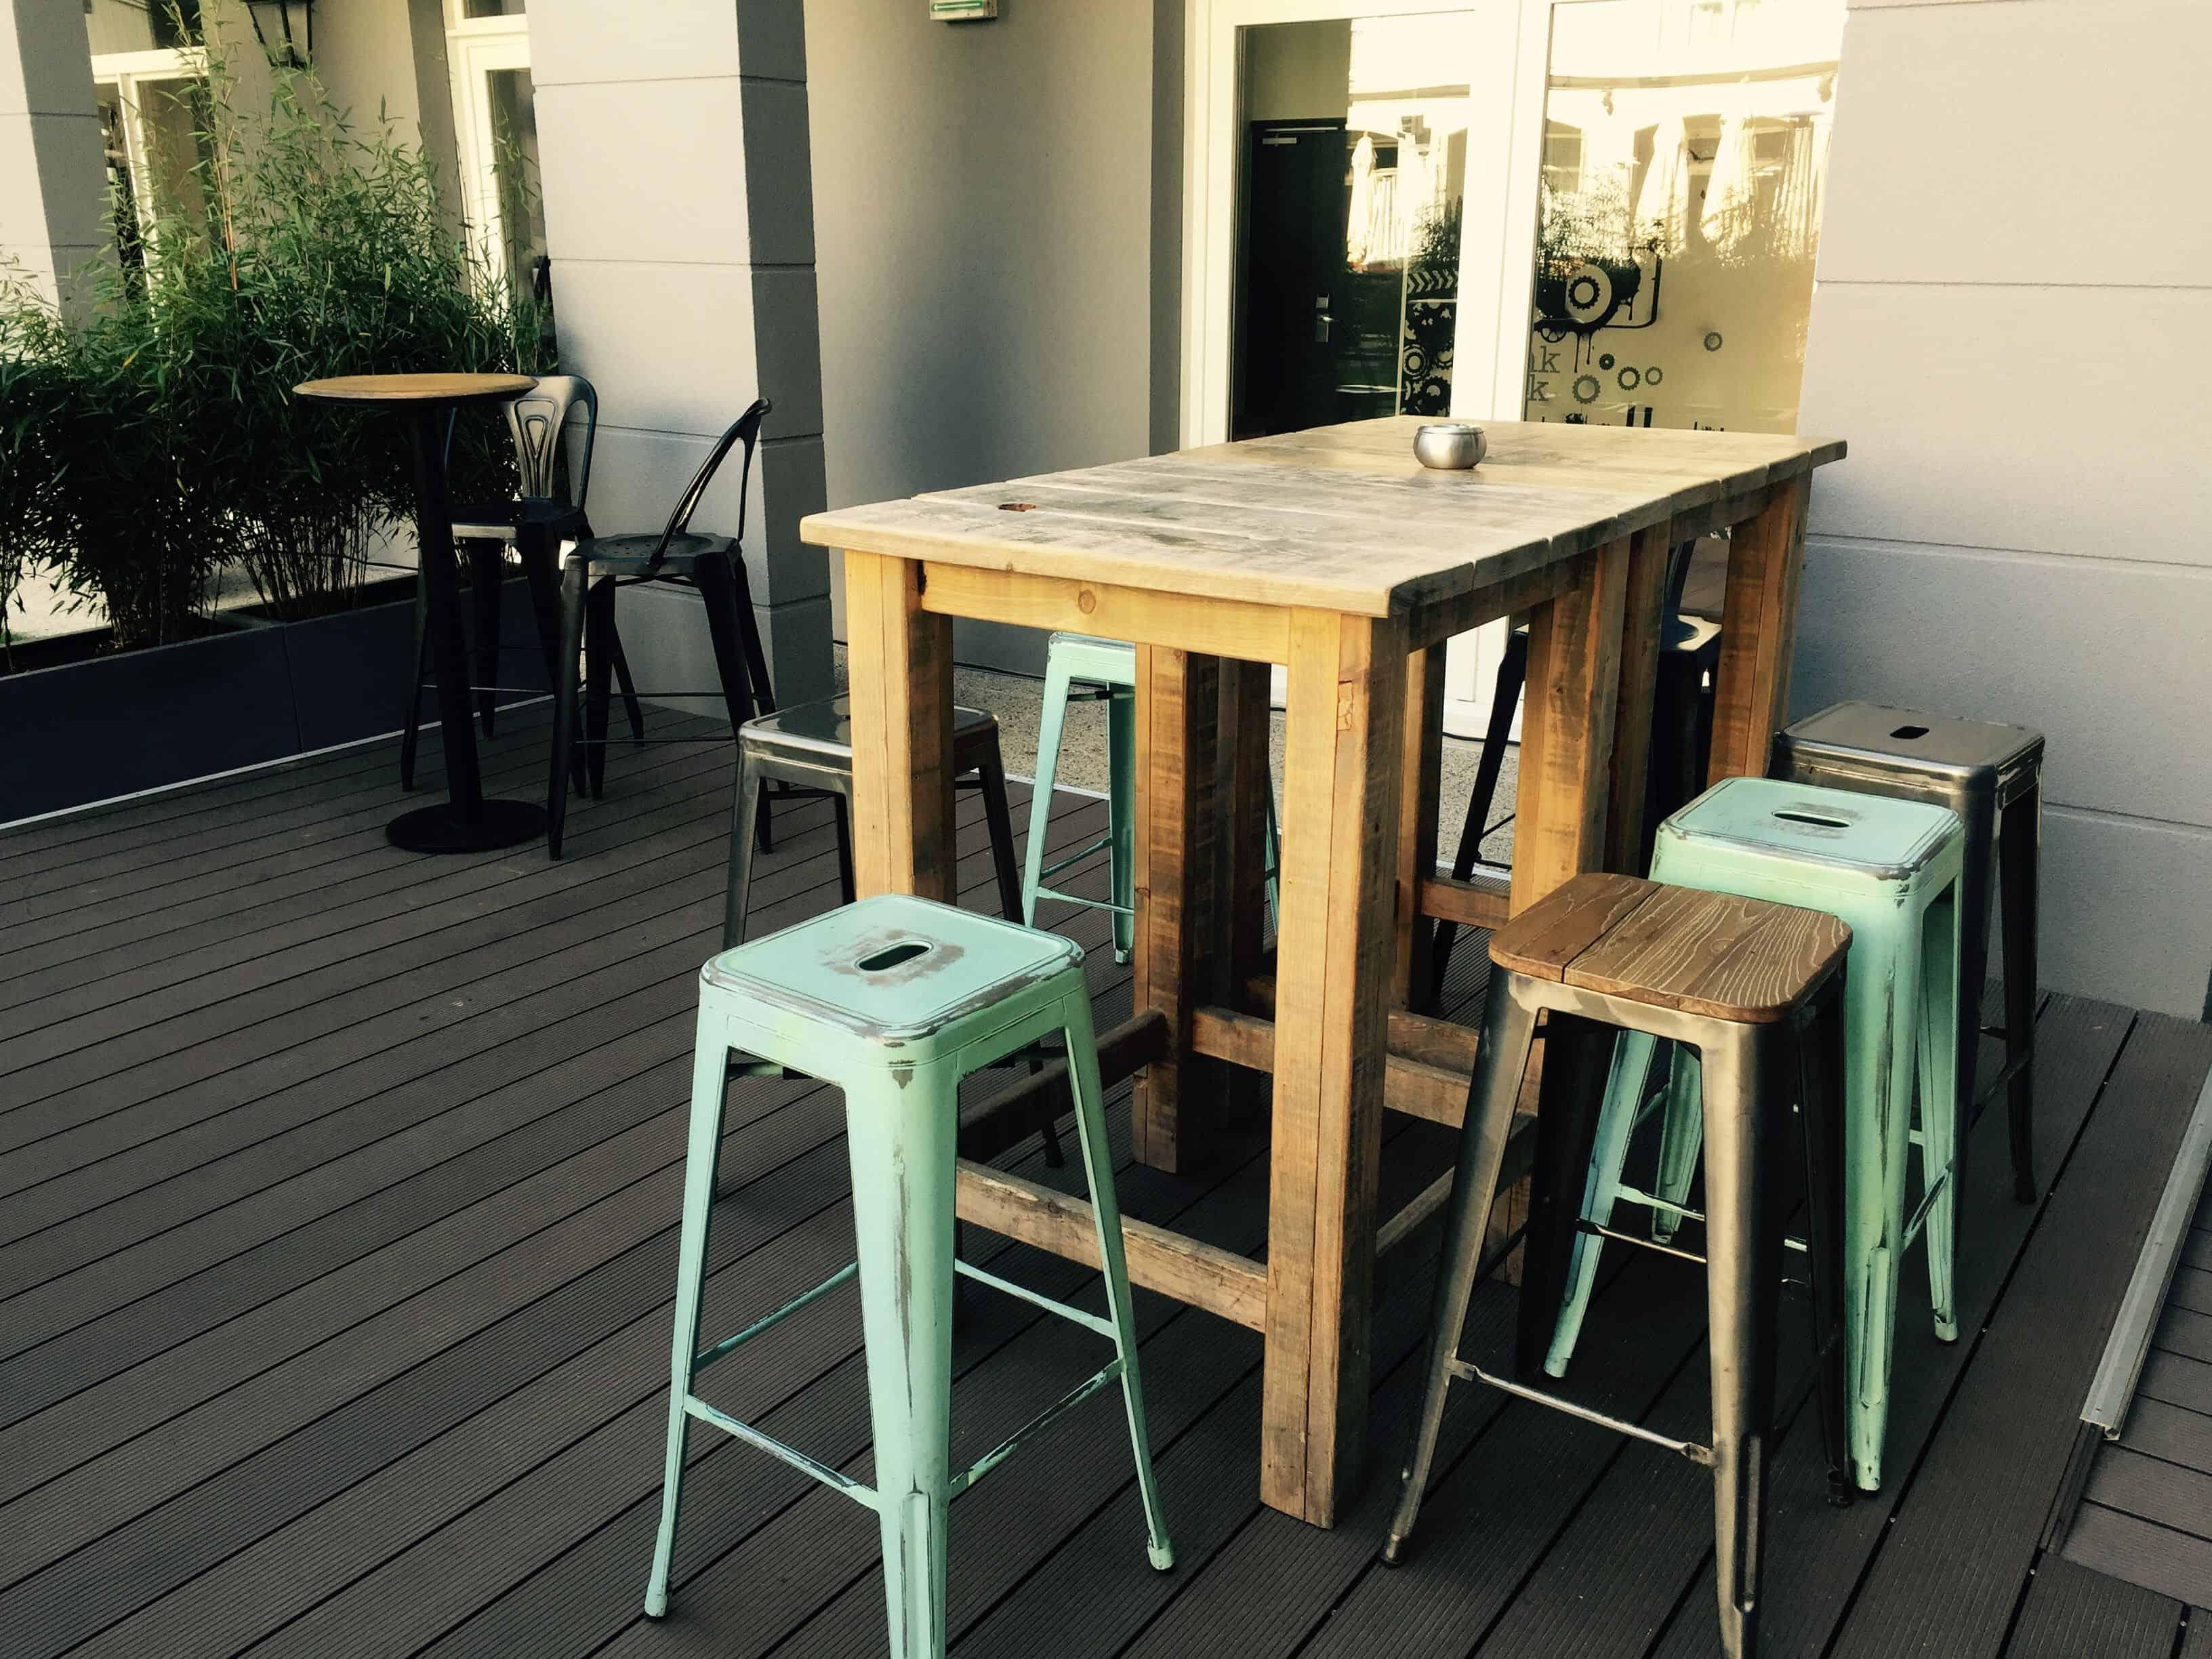 Modern outdoor furniture – pentahotel paris